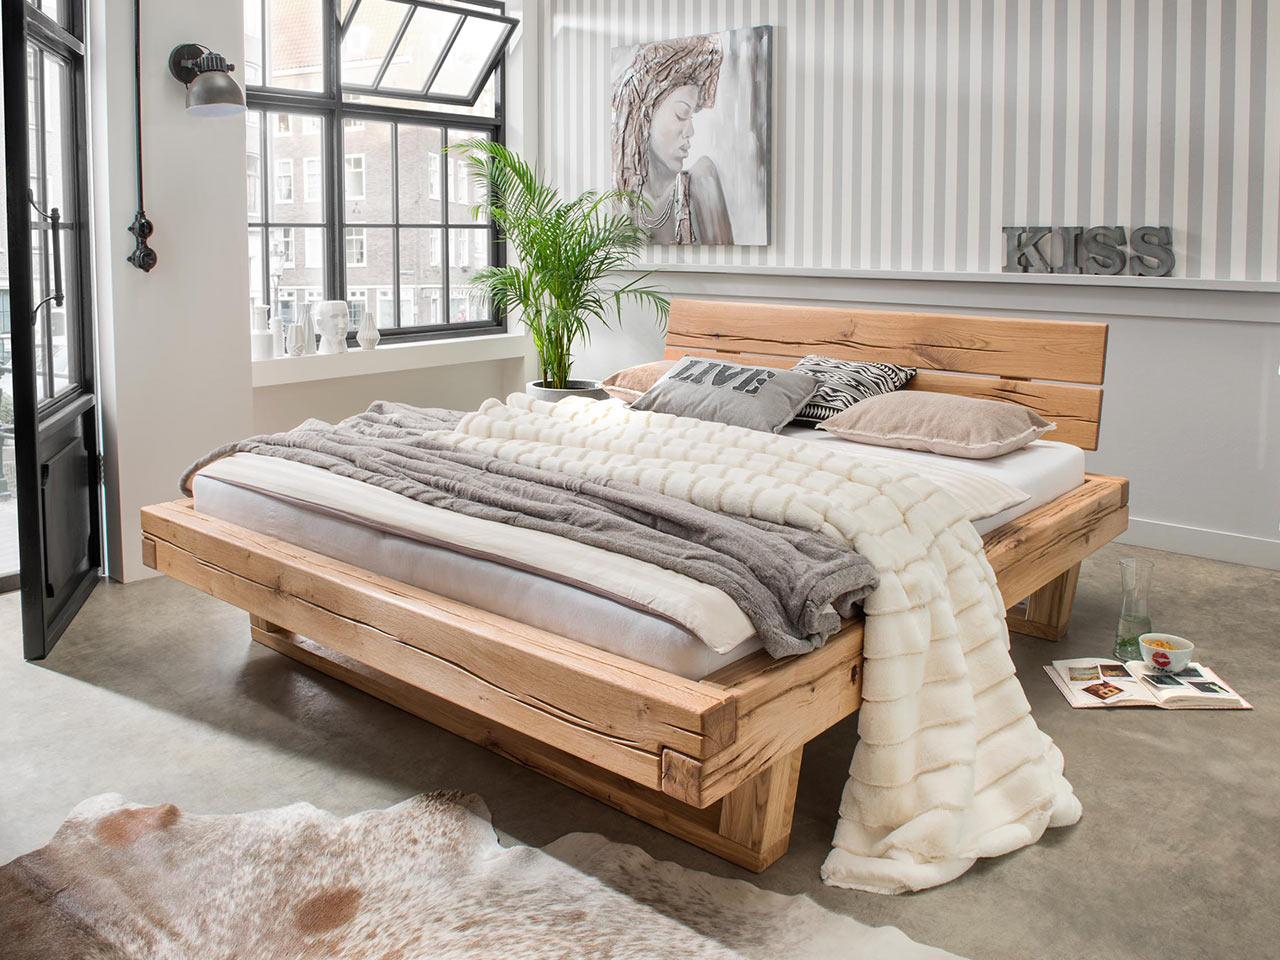 Full Size of Bett Balken Vannkilde Wildeiche Massivholz Balkenbett Thor Bette Floor Wasser Günstig Kaufen Mit Aufbewahrung 160x220 Hülsta Betten Ikea 160x200 Stauraum Bett Bett Balken